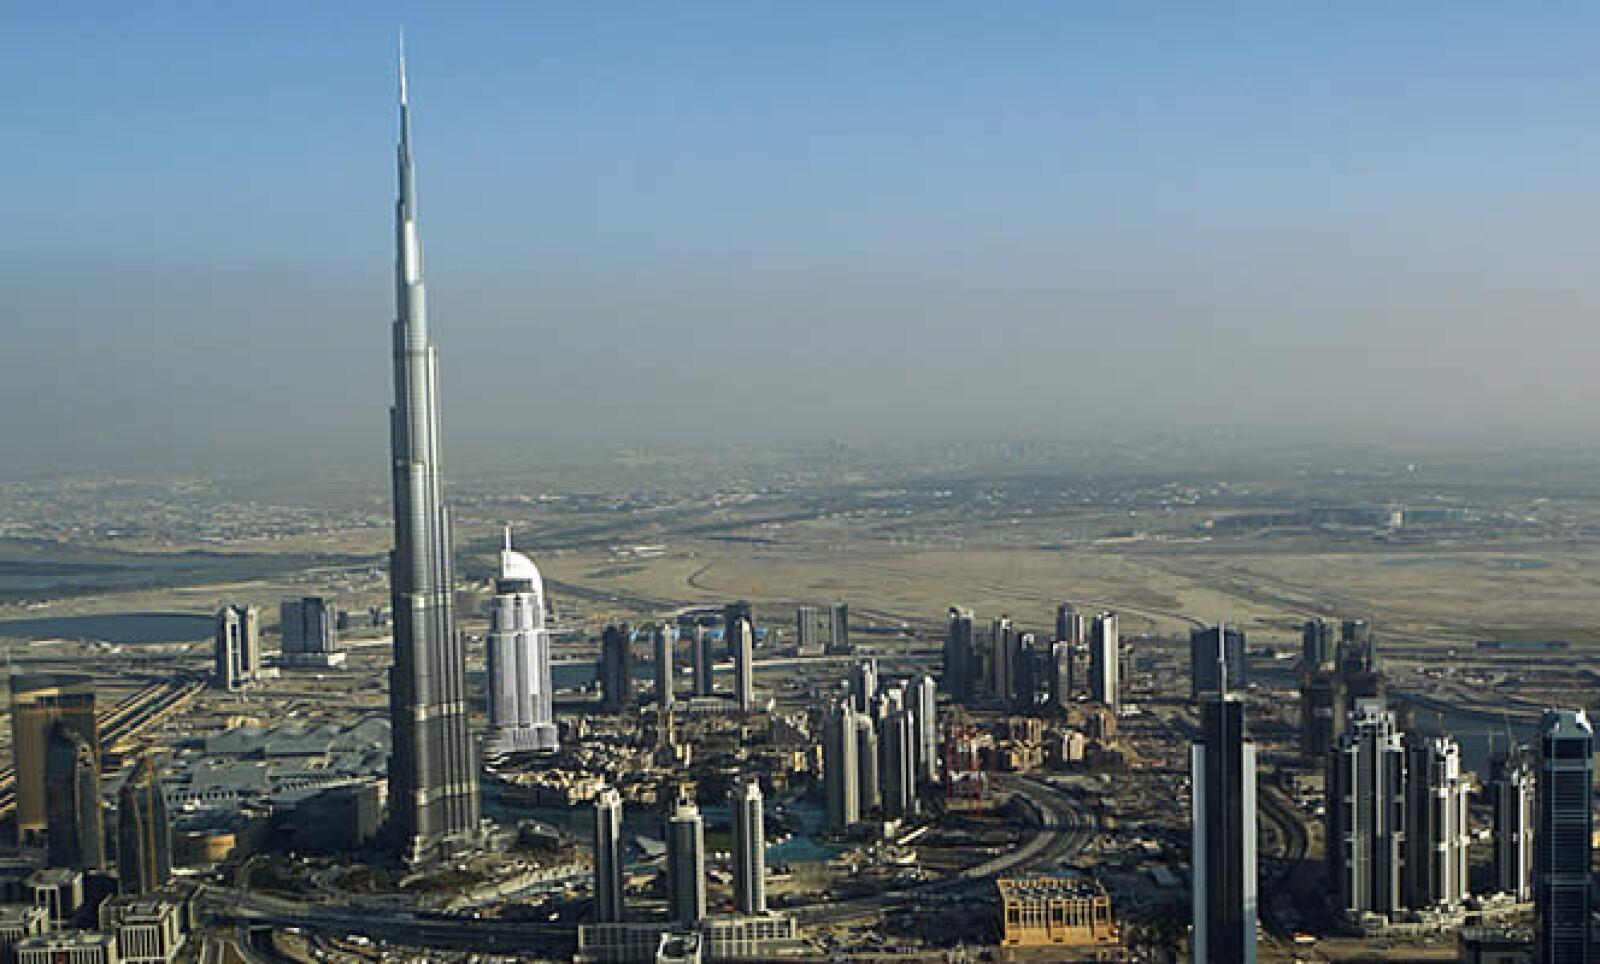 Los 56 elevadores del Burj Dubai se encargarán de llevar a las alturas a miles de personas a sus distintas instalaciones.